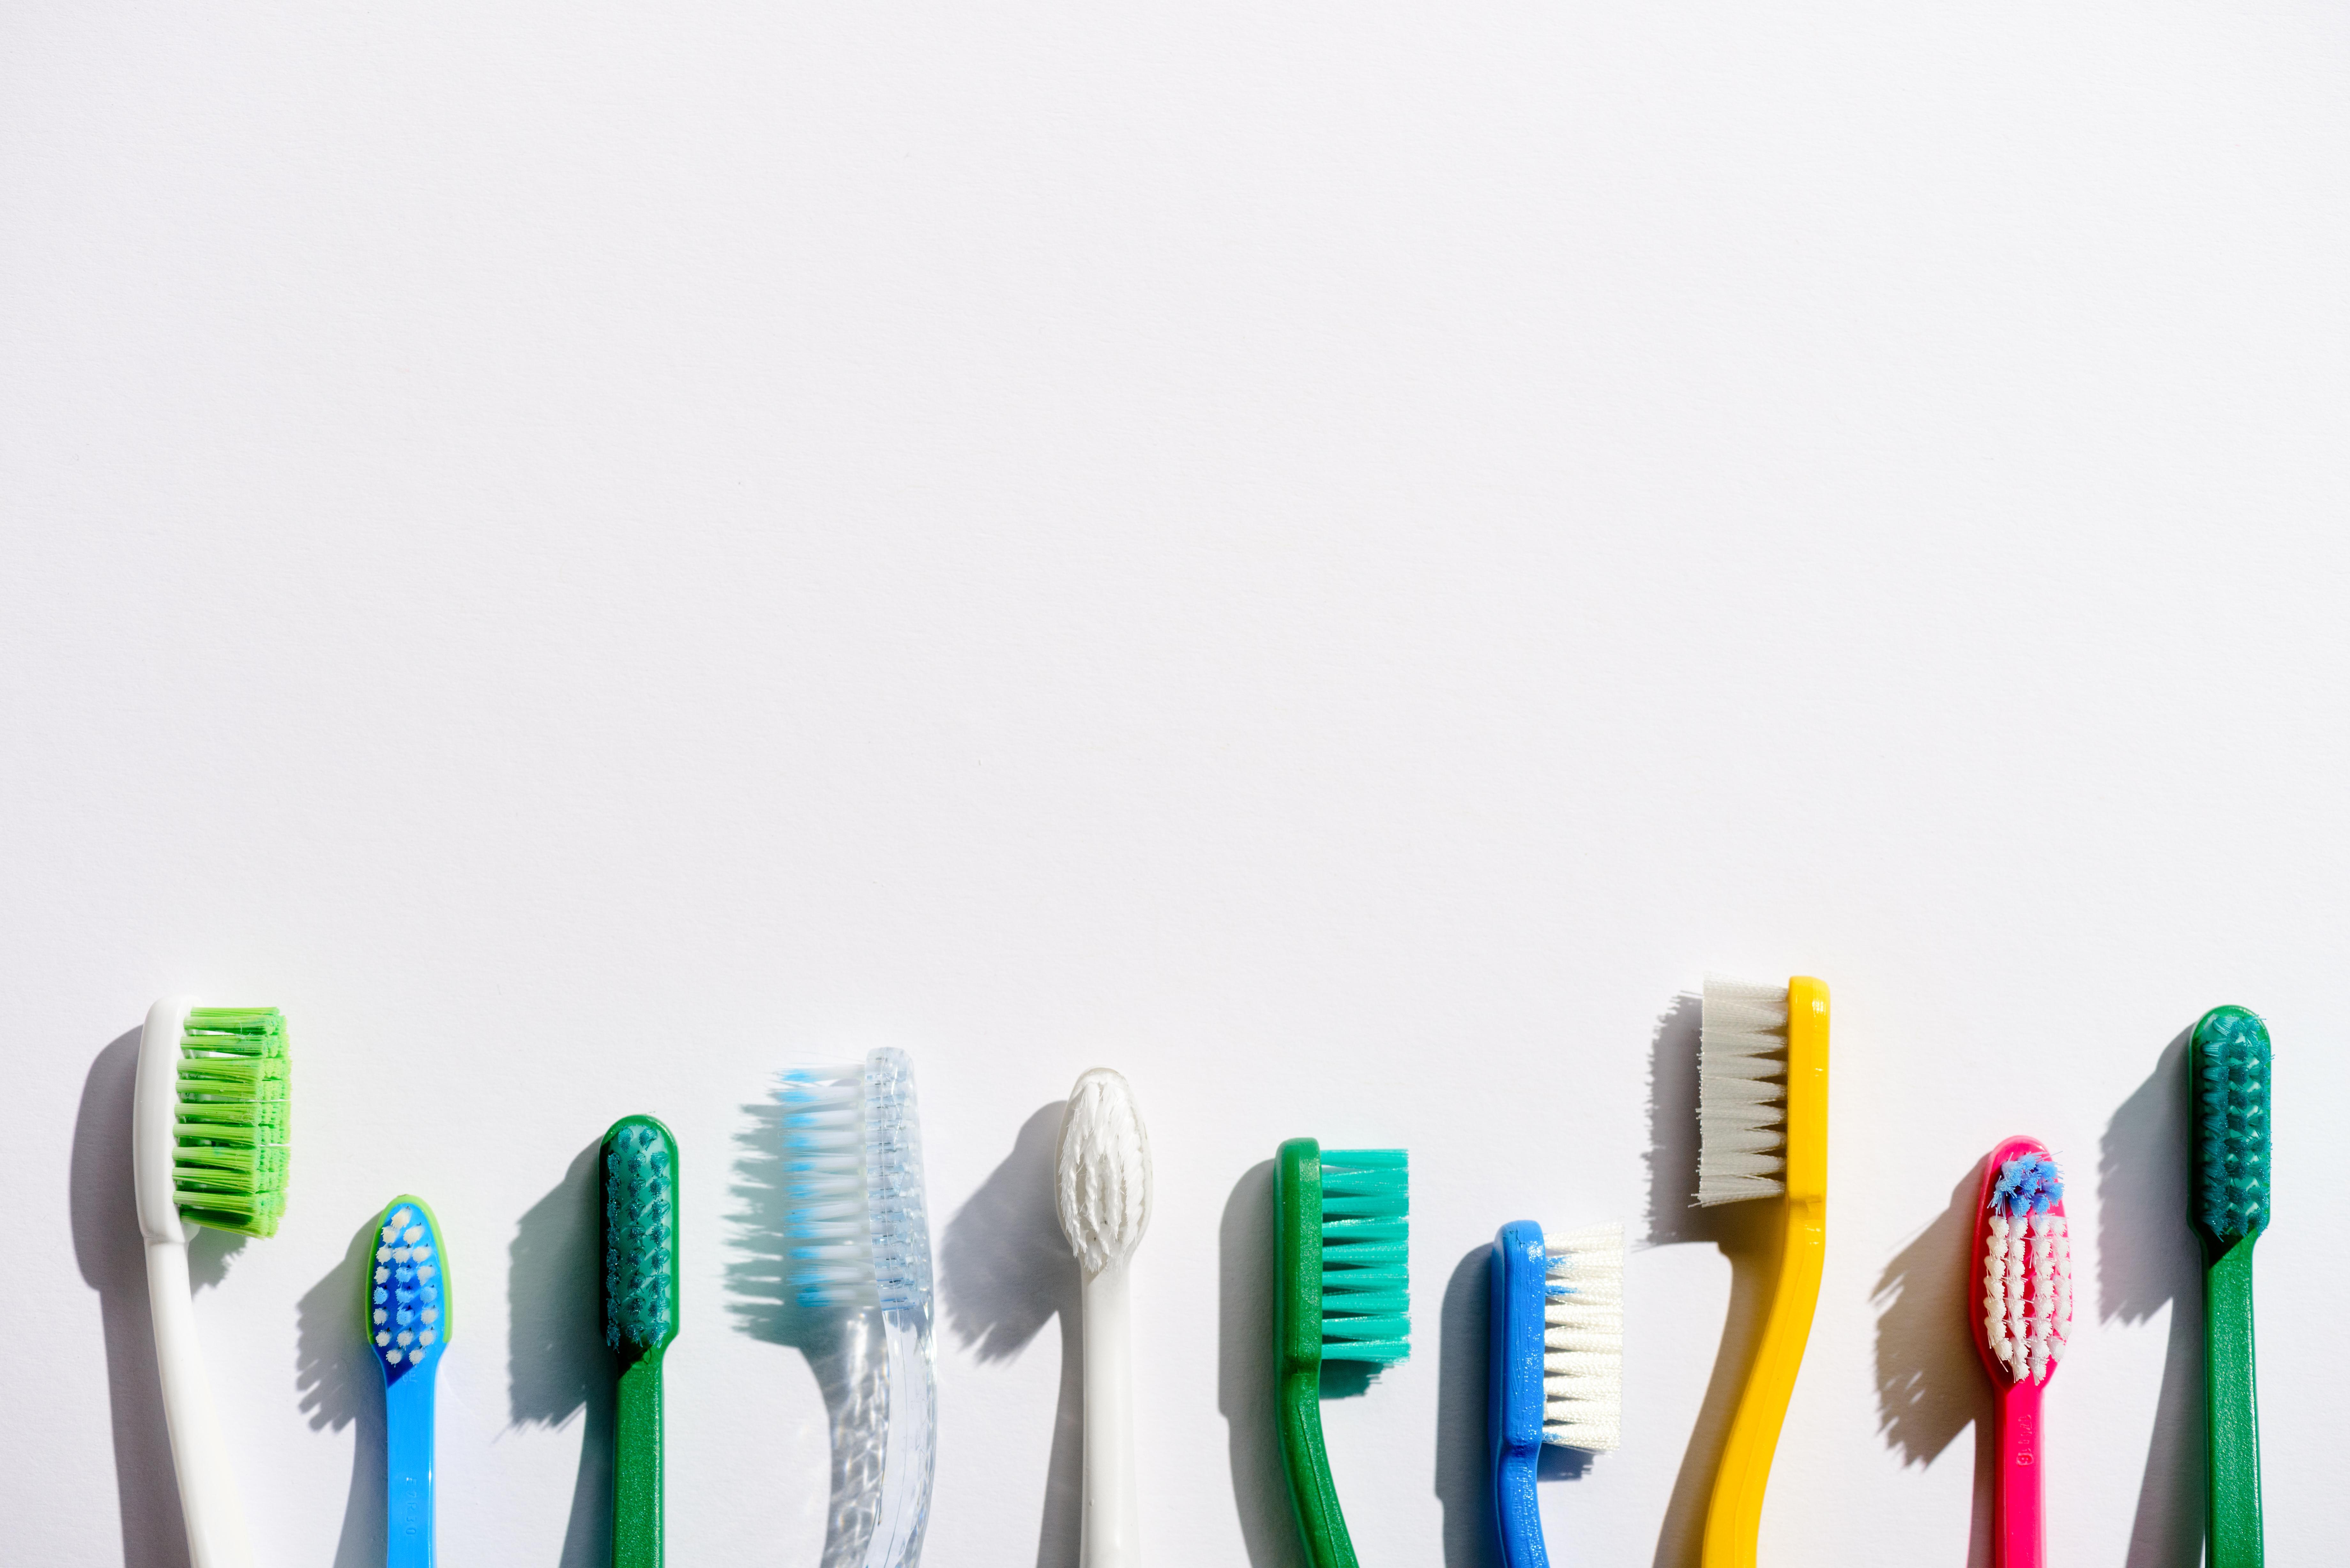 За ексфолиране на устни.<br /> За сочни, здрави, меки устни можем да използваме четката за зъби за ексфолиране.